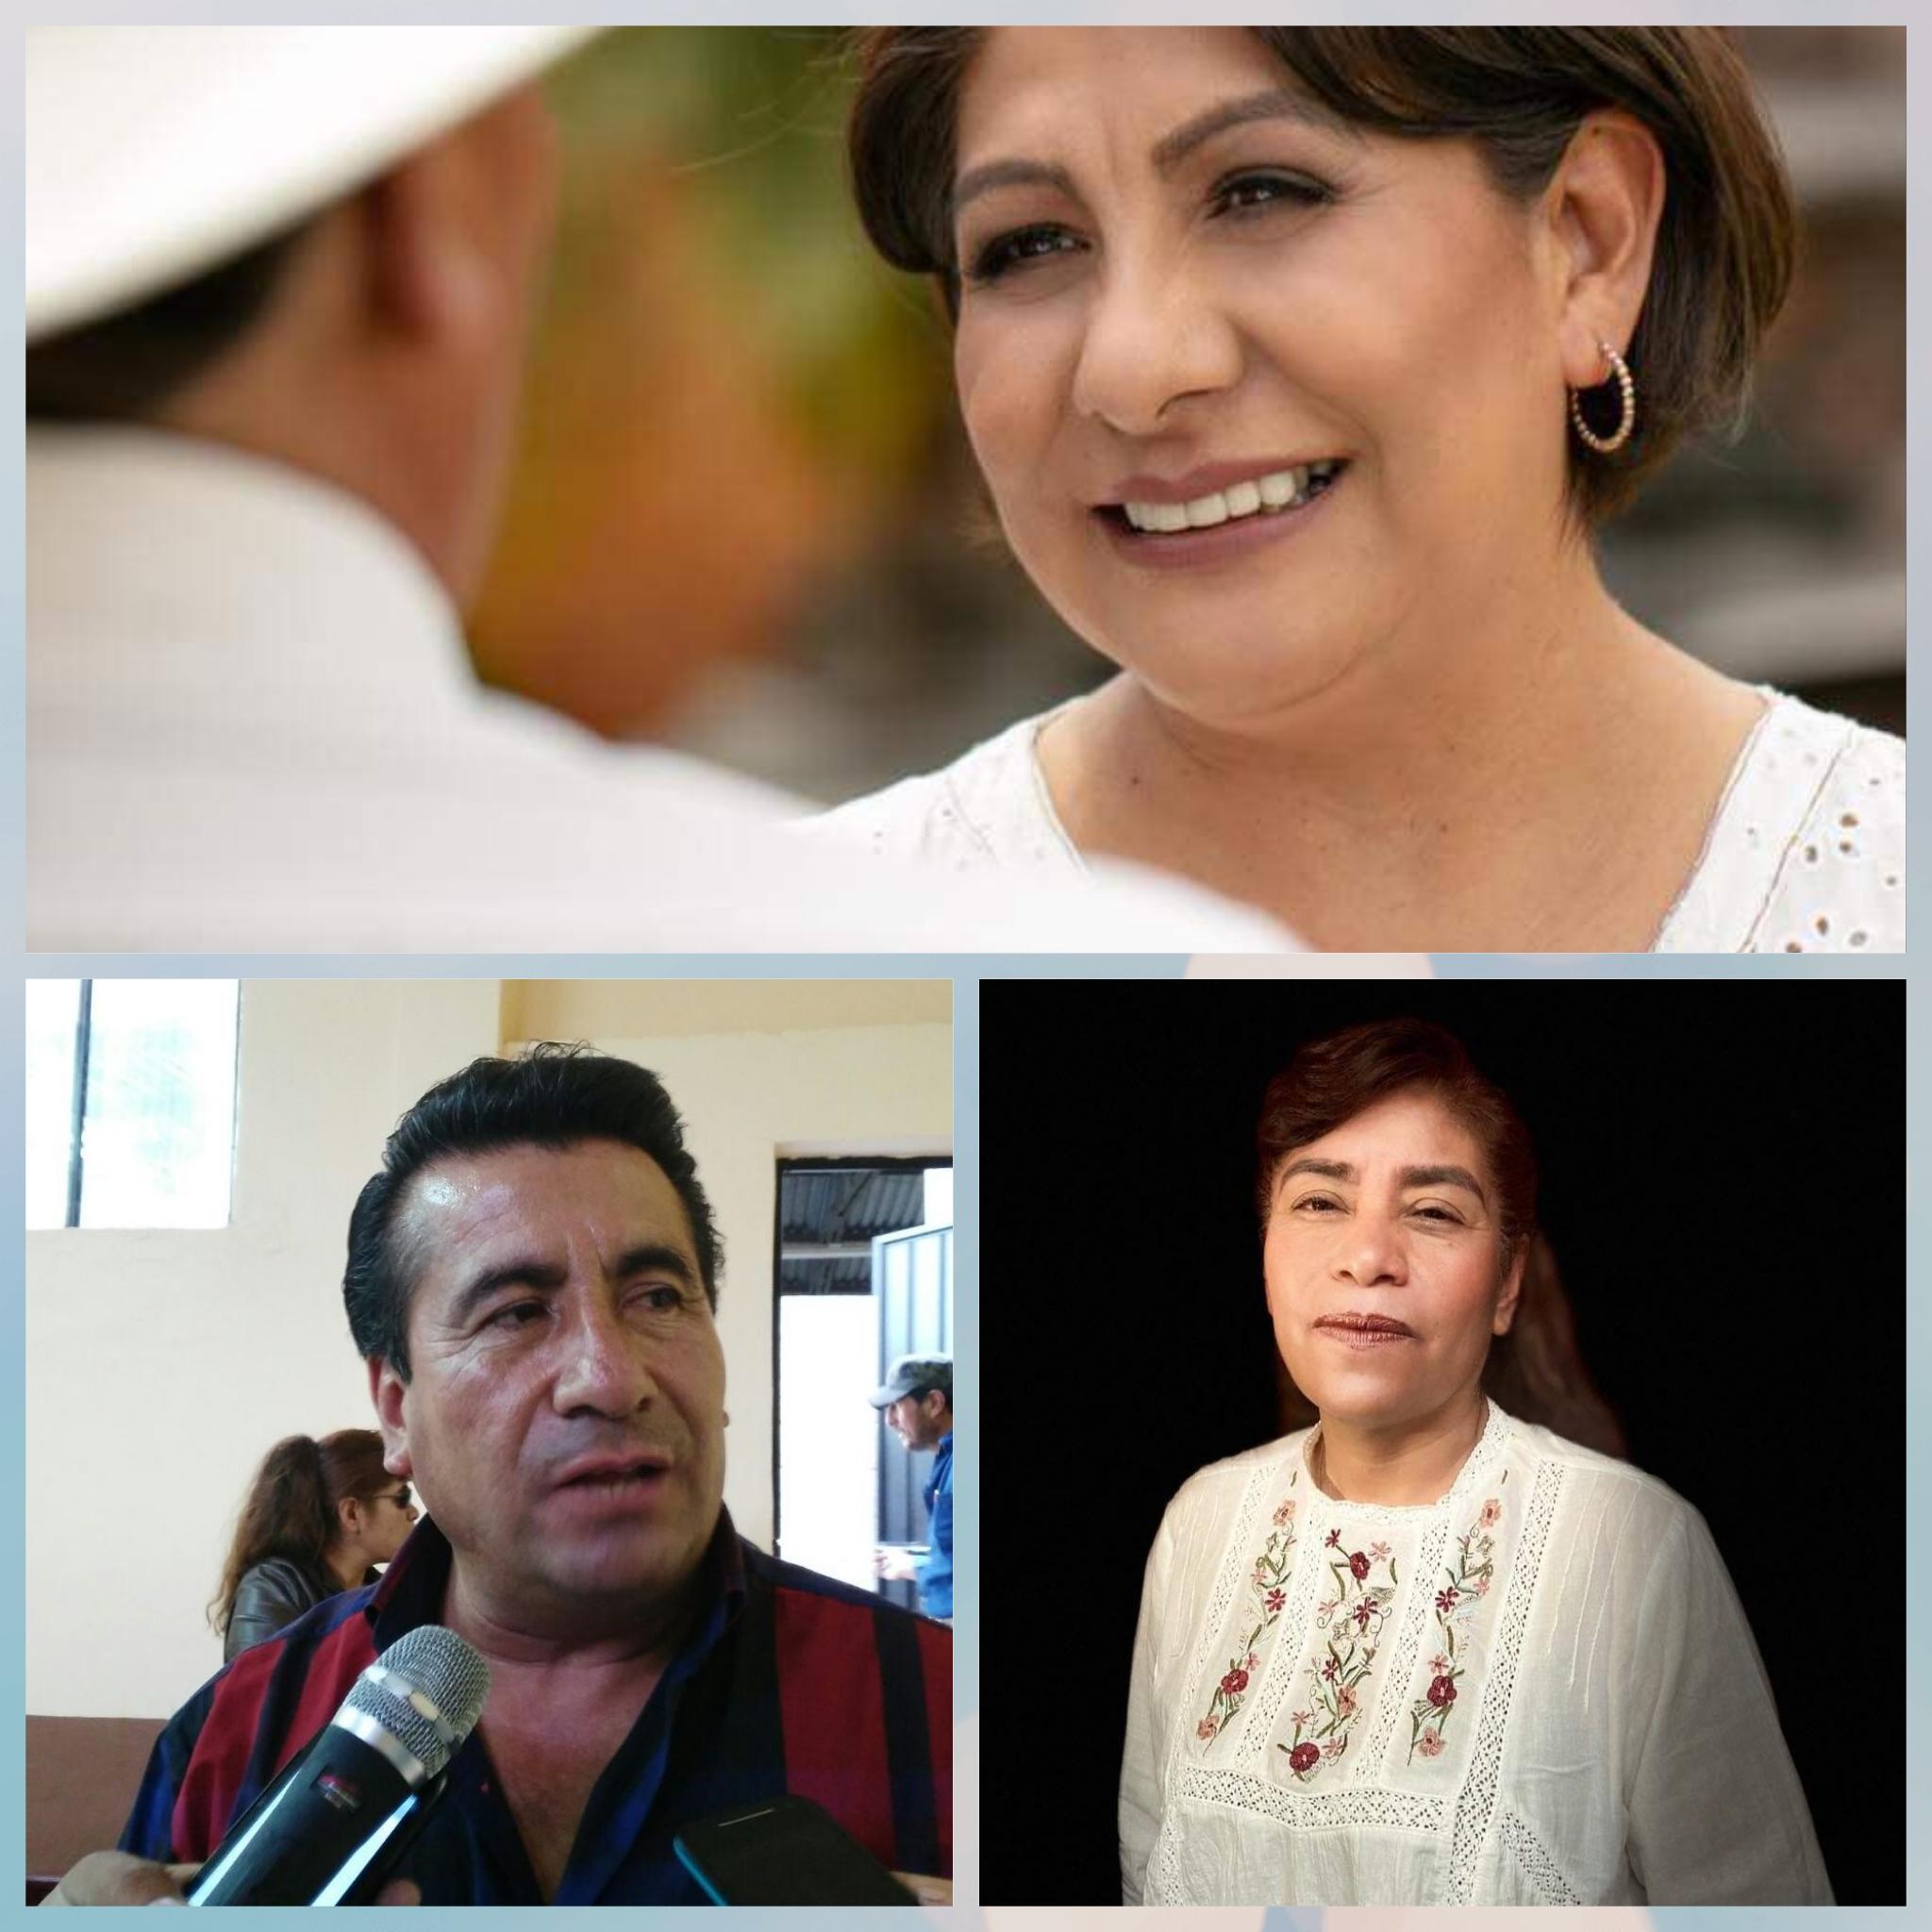 Definen candidatos a la alcaldía de Tlalancaleca; la actual alcaldesa busca reelección